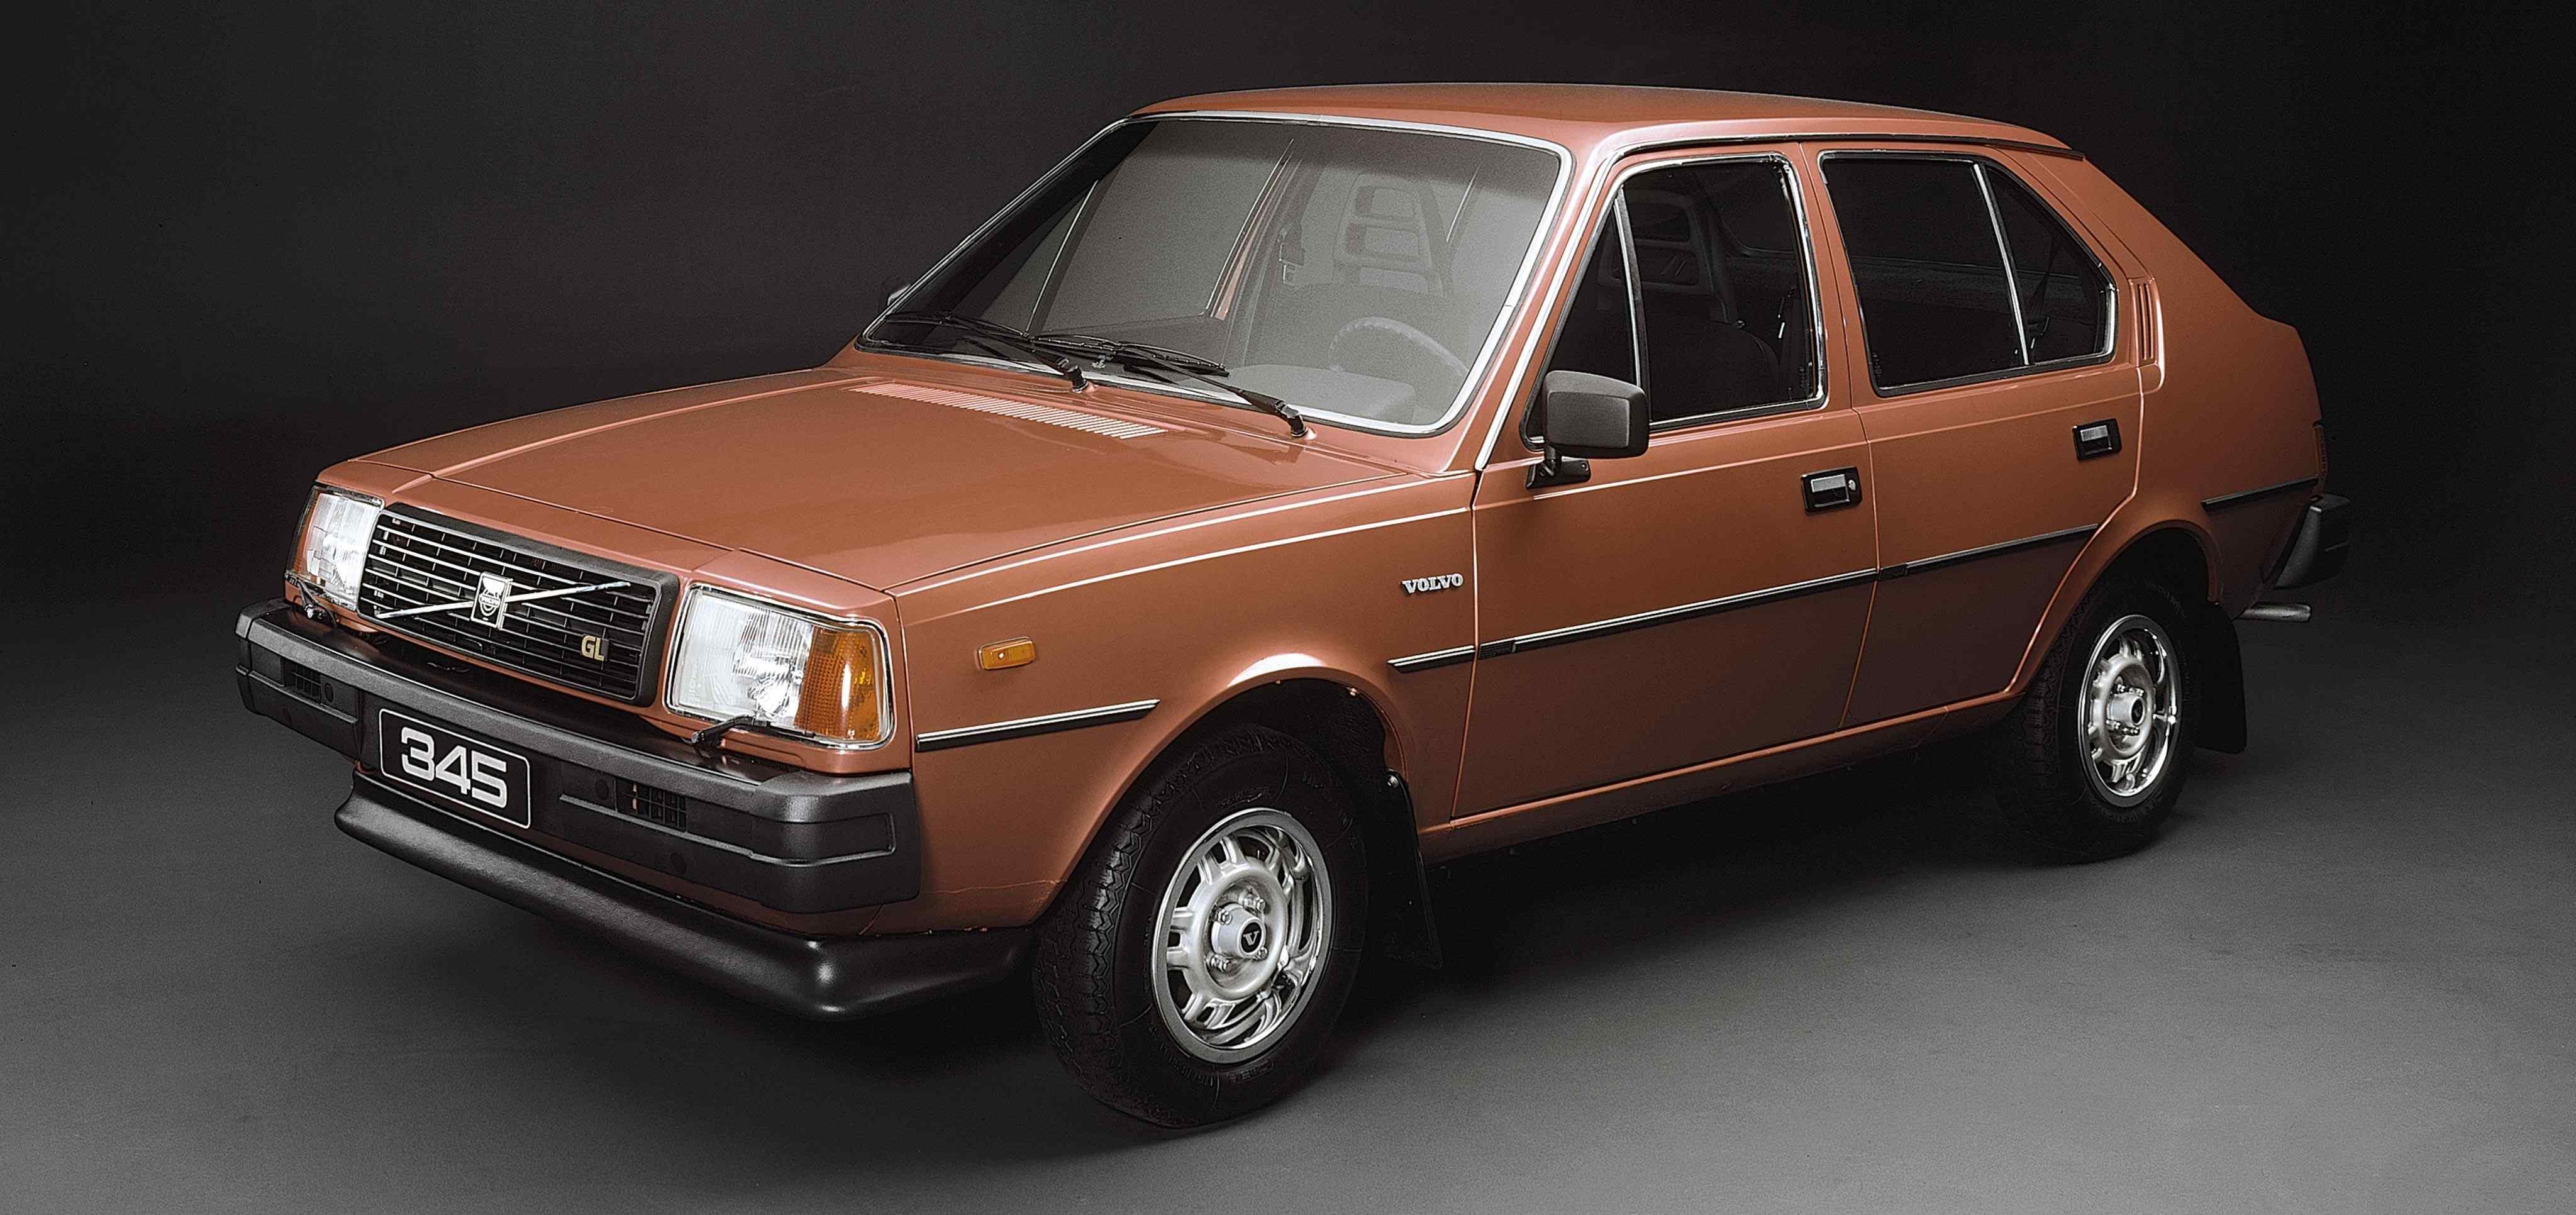 Un Volvo 345 de color marrón rojizo en un estudio con iluminación apagada